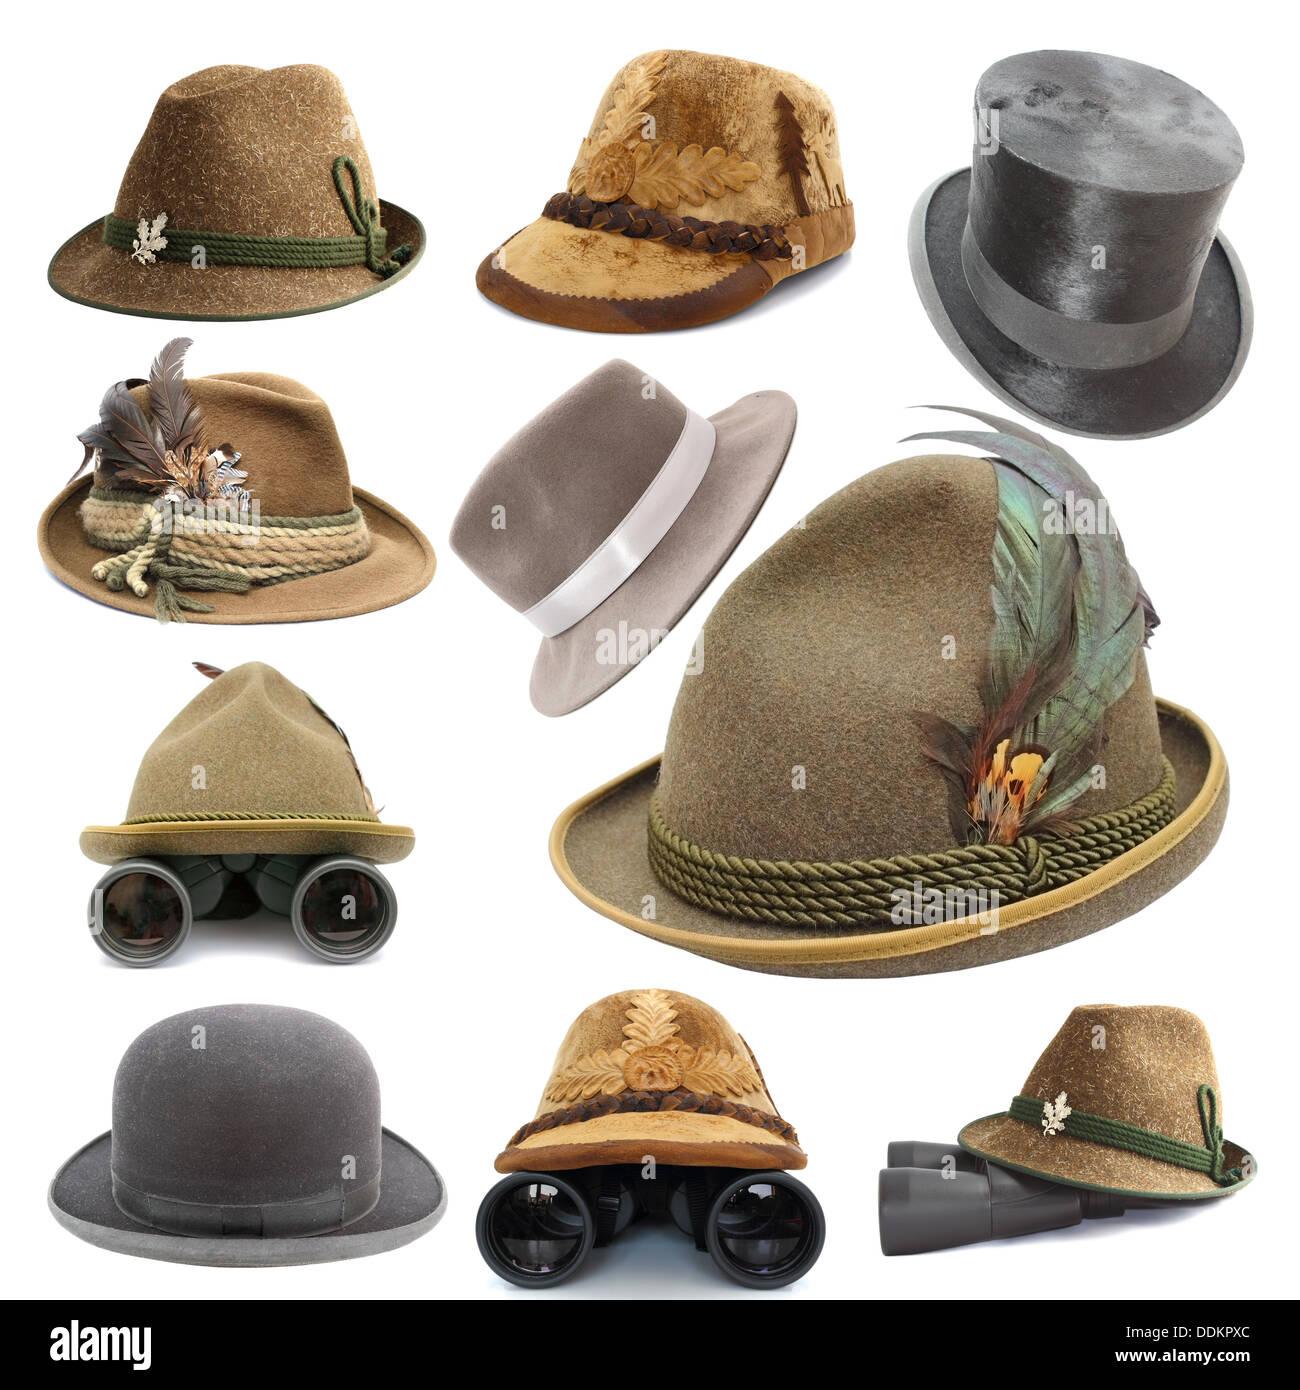 Raccolta di oktoberfest e caccia cappelli vintage isolate su sfondo bianco 3abd3ae57ebb